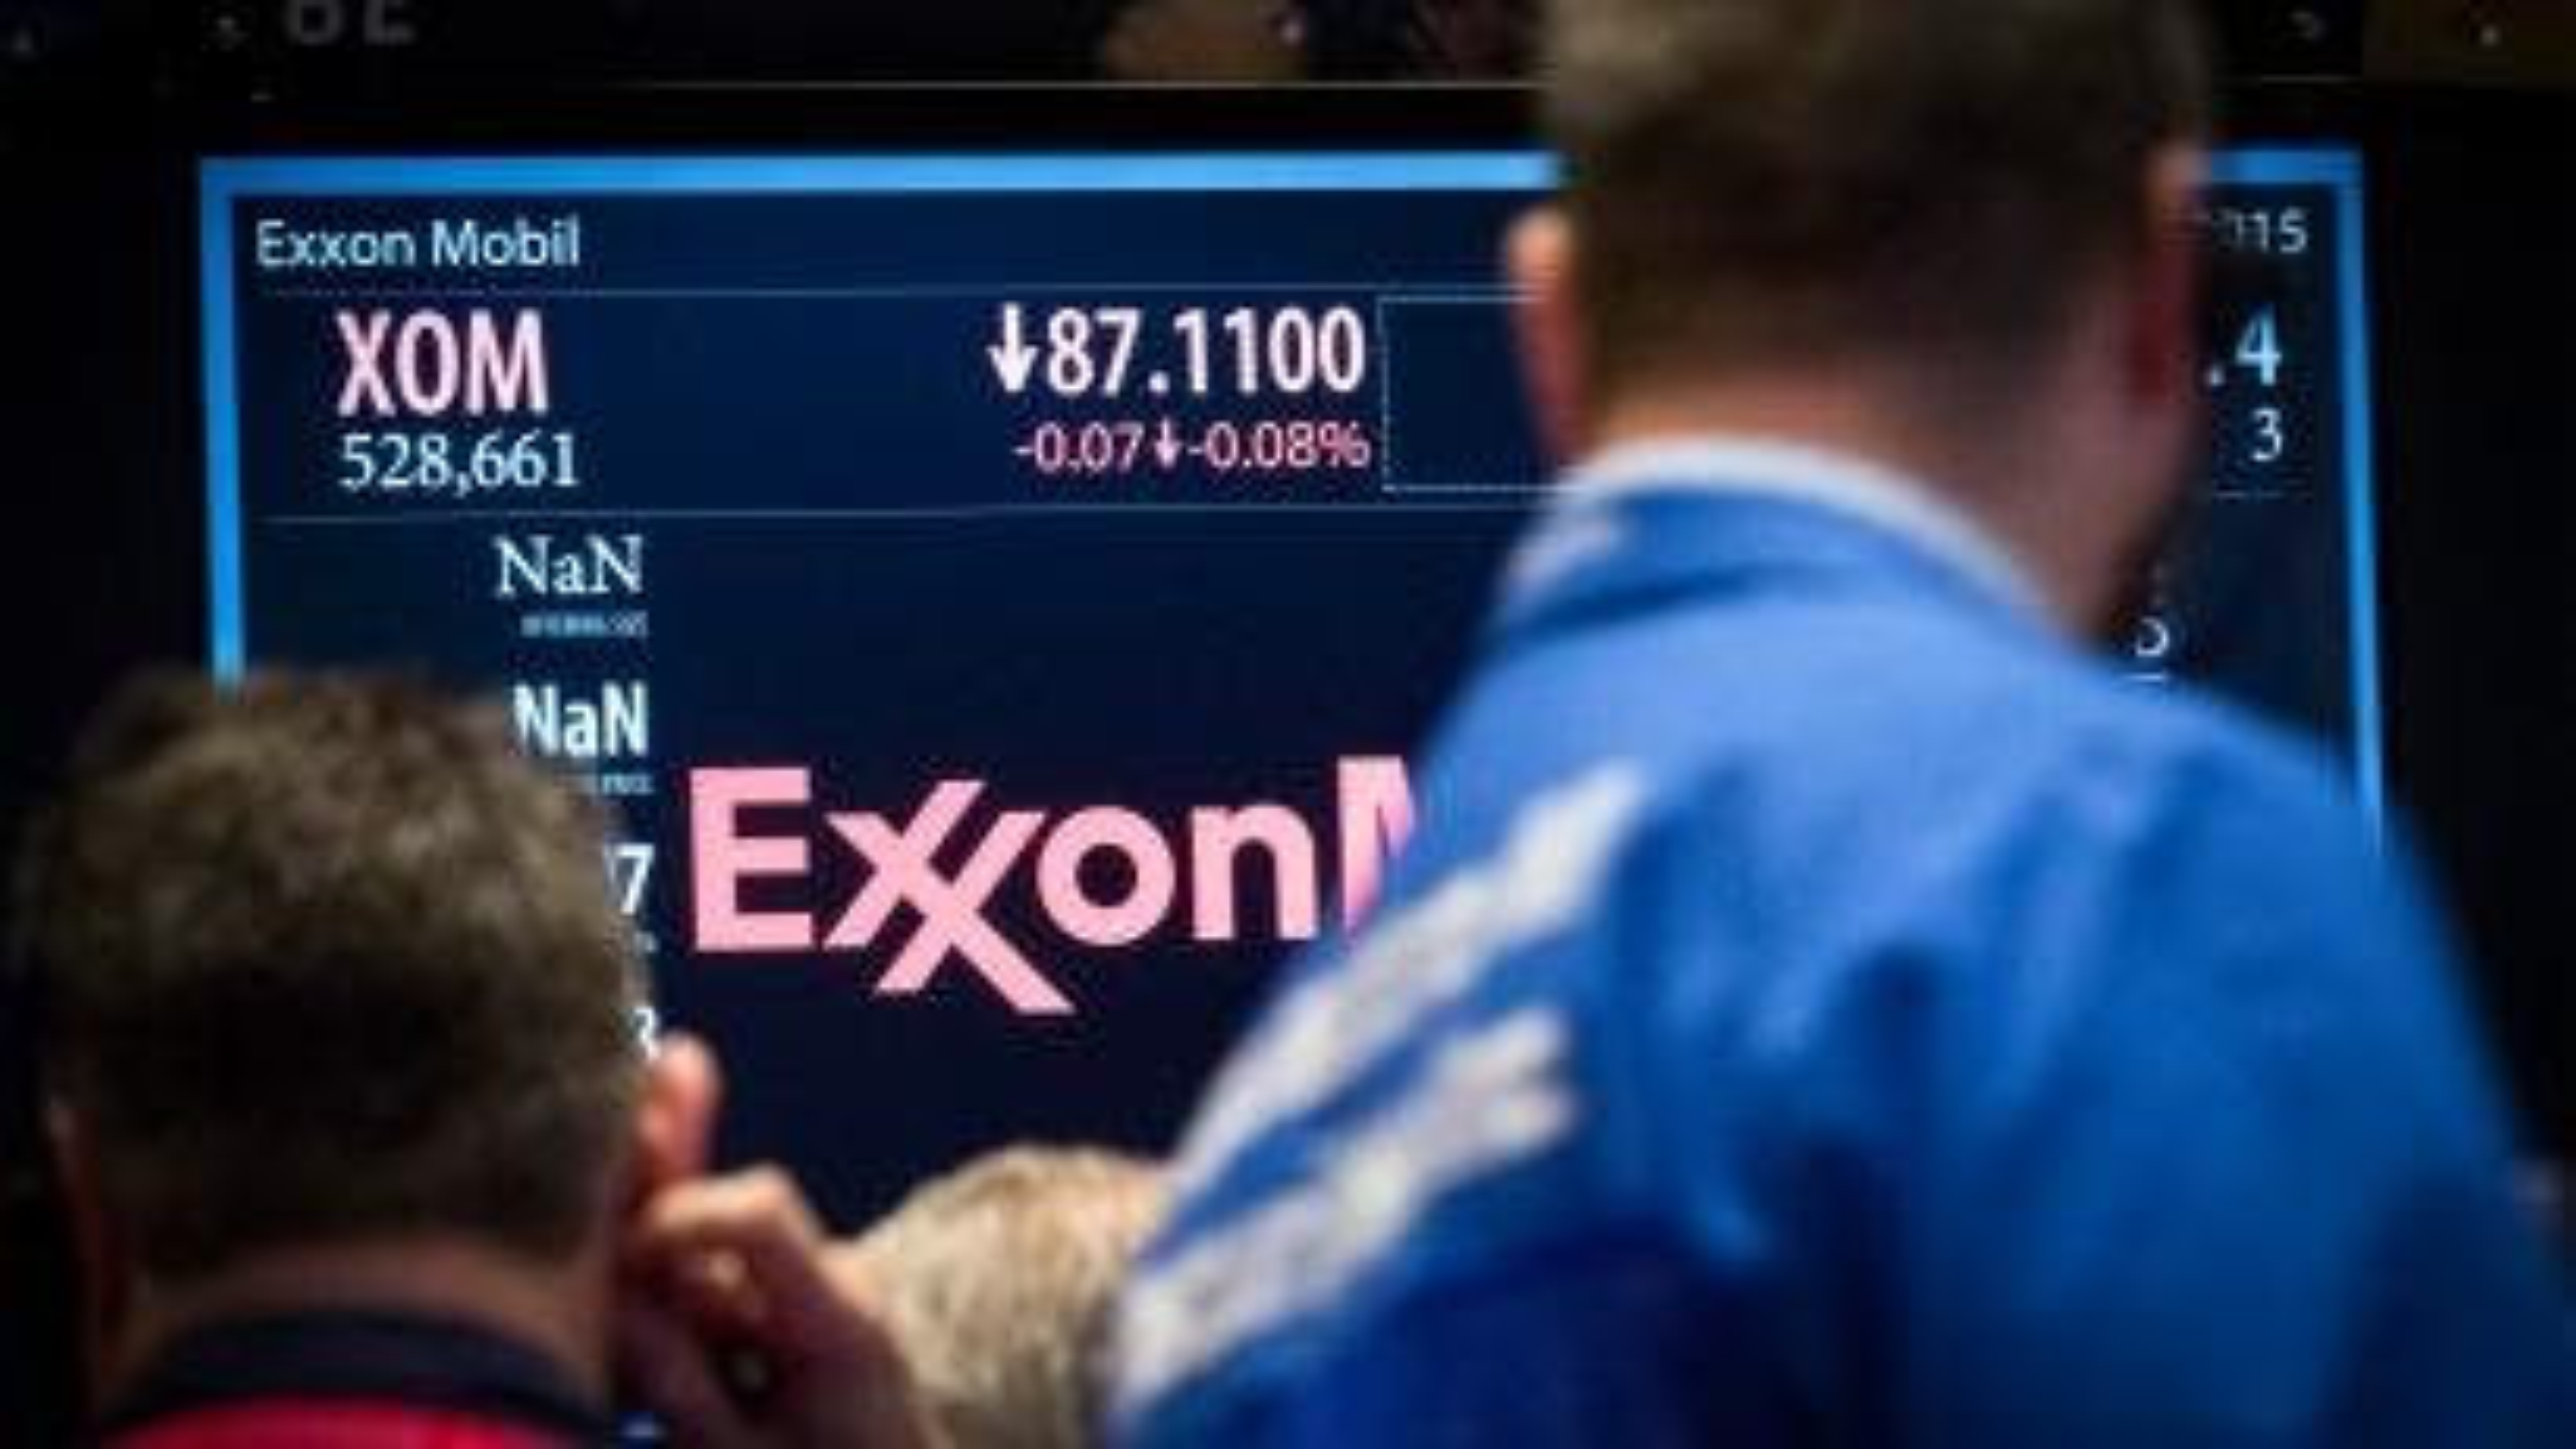 ExxonMobil's (XOM) weak response to shareholder demand on